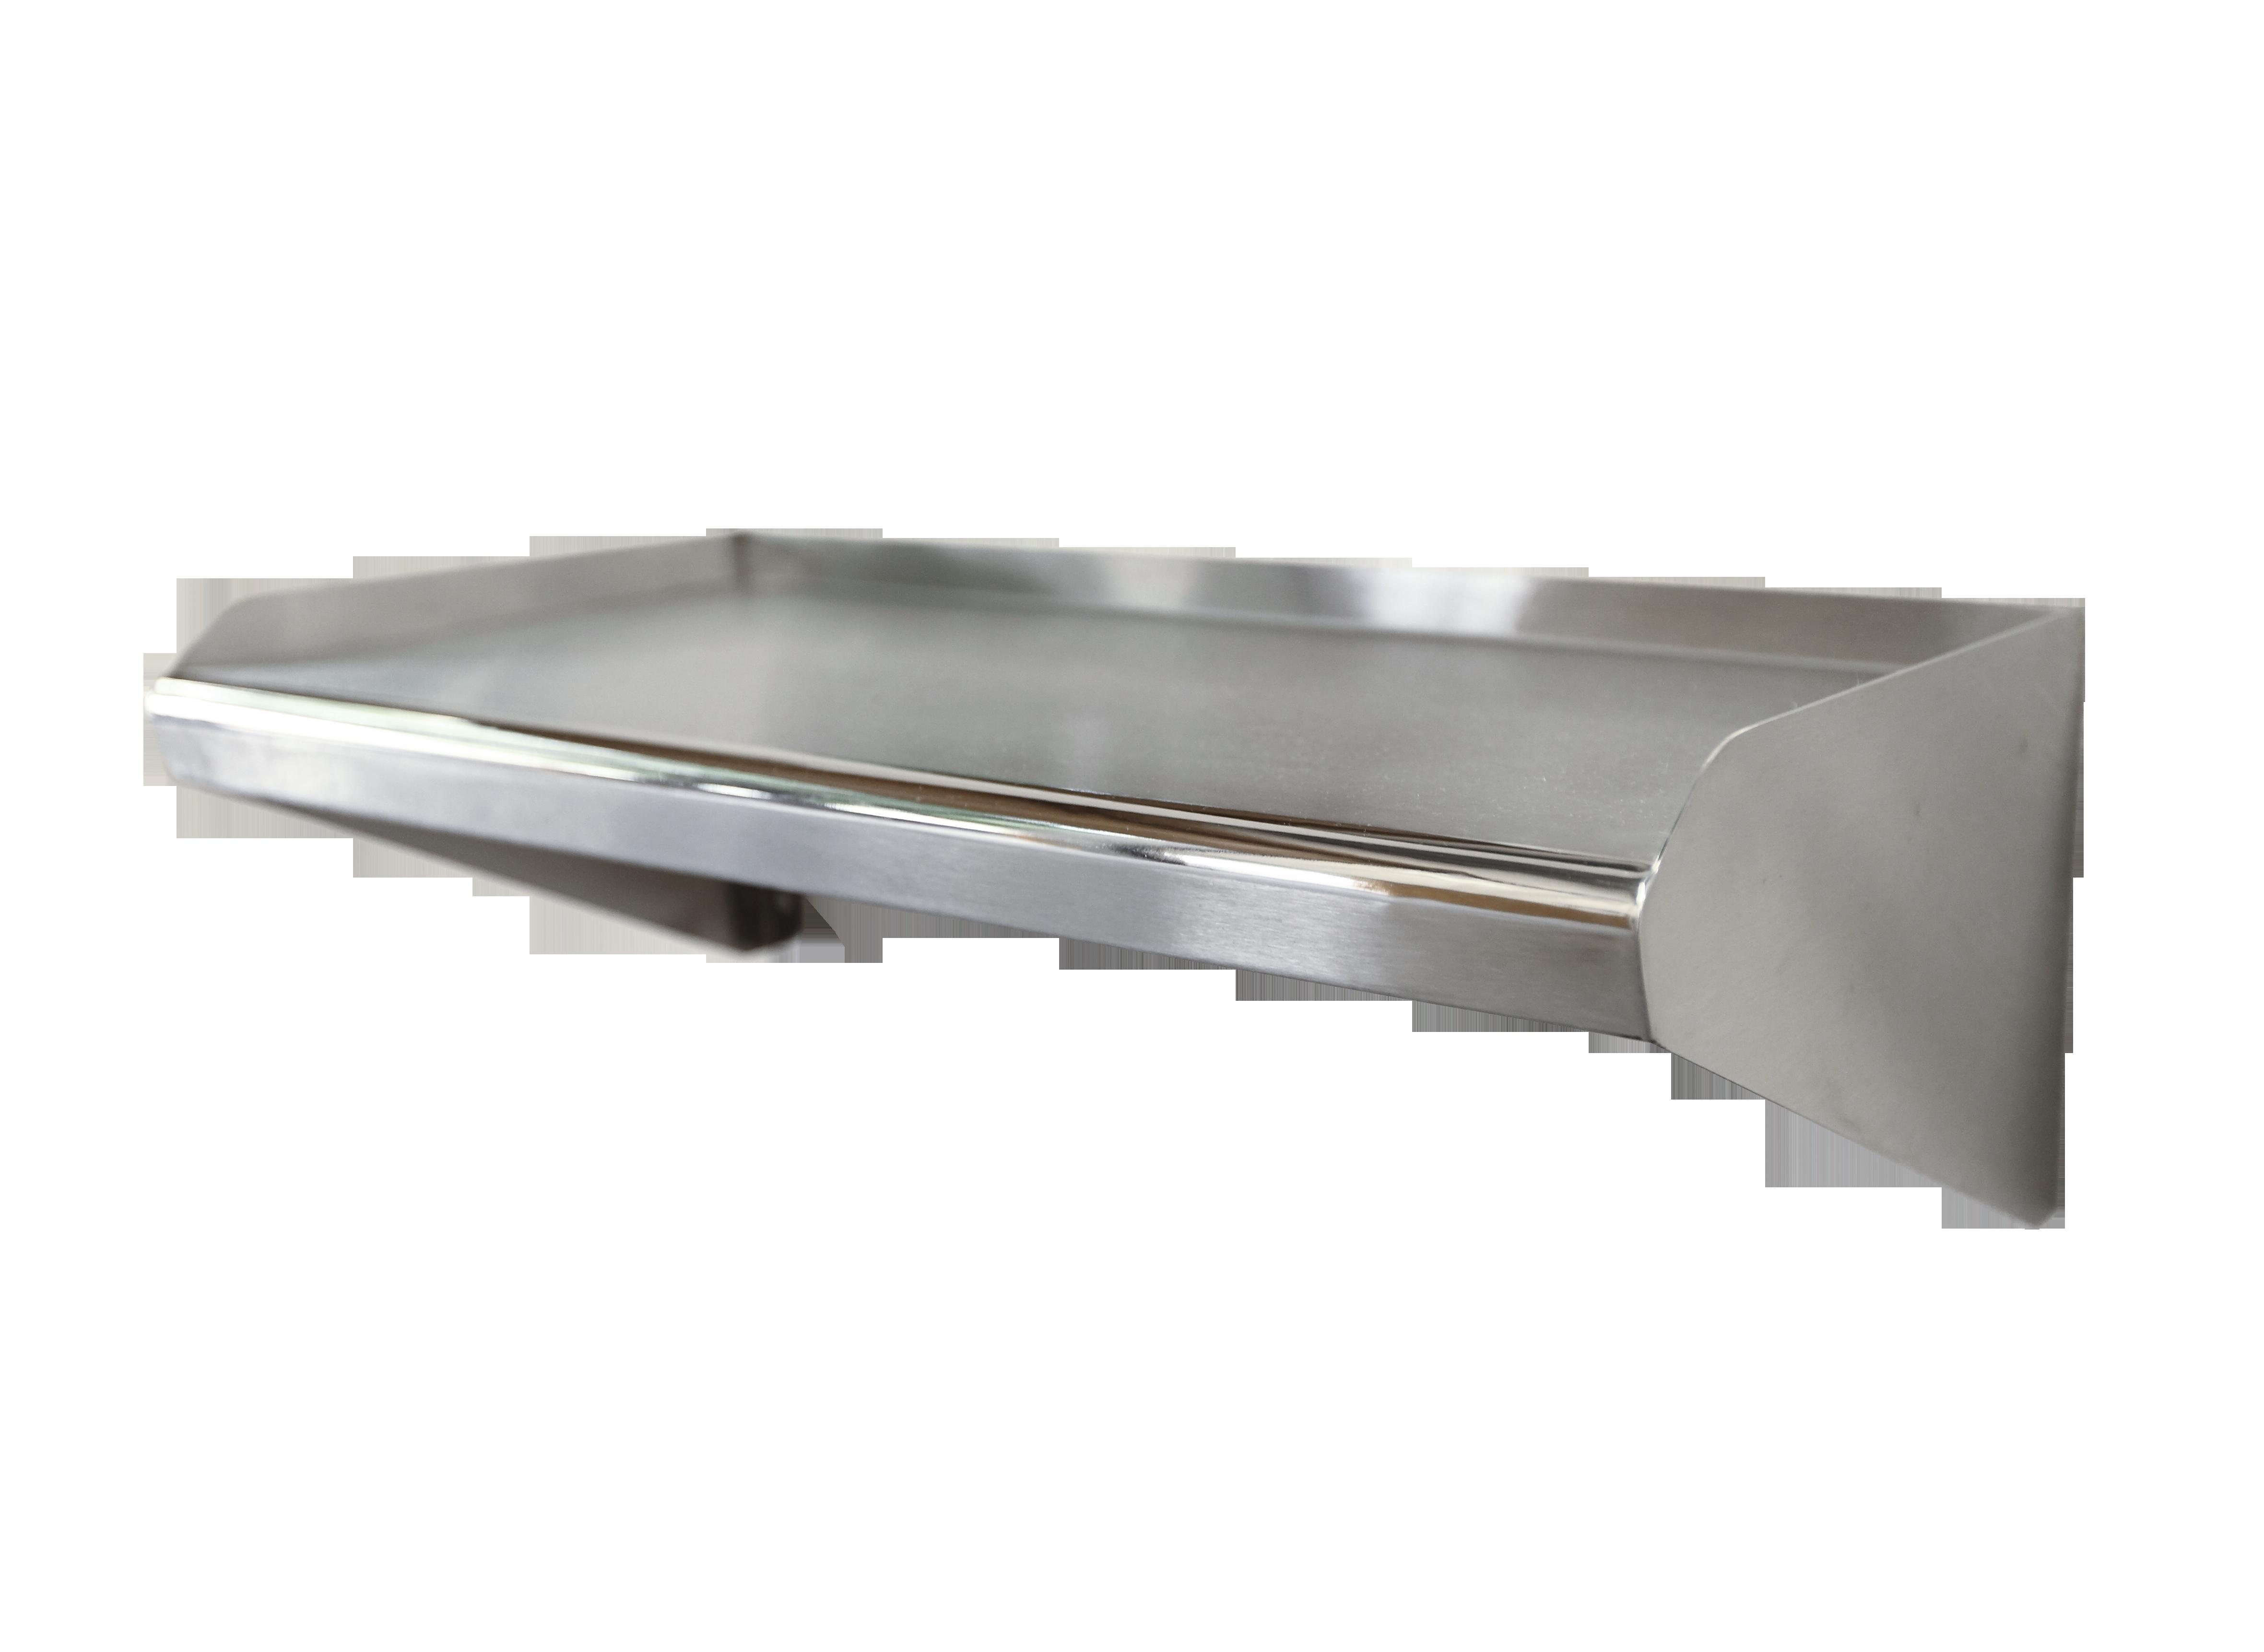 Repisa utility sanilocksanilock - Lavabo de acero inoxidable ...